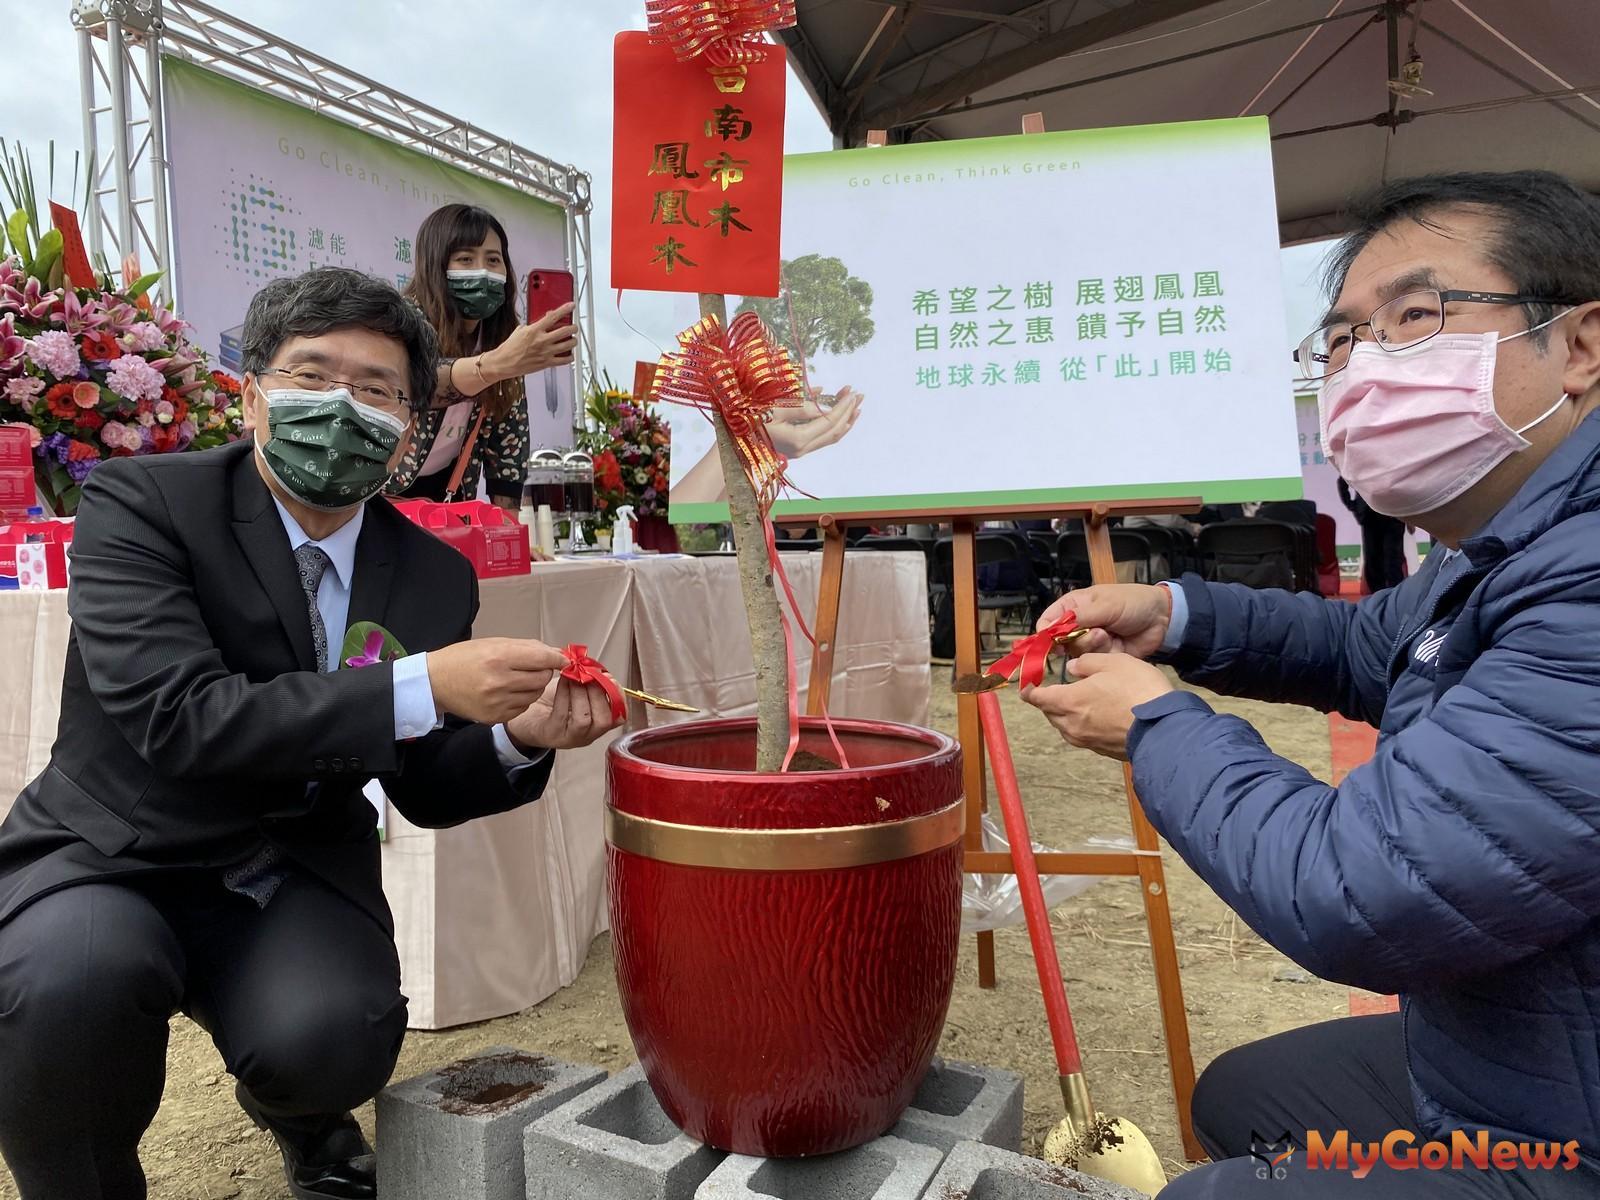 台南市長黃偉哲(右)表示,非常高興濾能公司為南科及南科三期創造逾100個工作機會(圖/業者提供) MyGoNews房地產新聞 區域情報